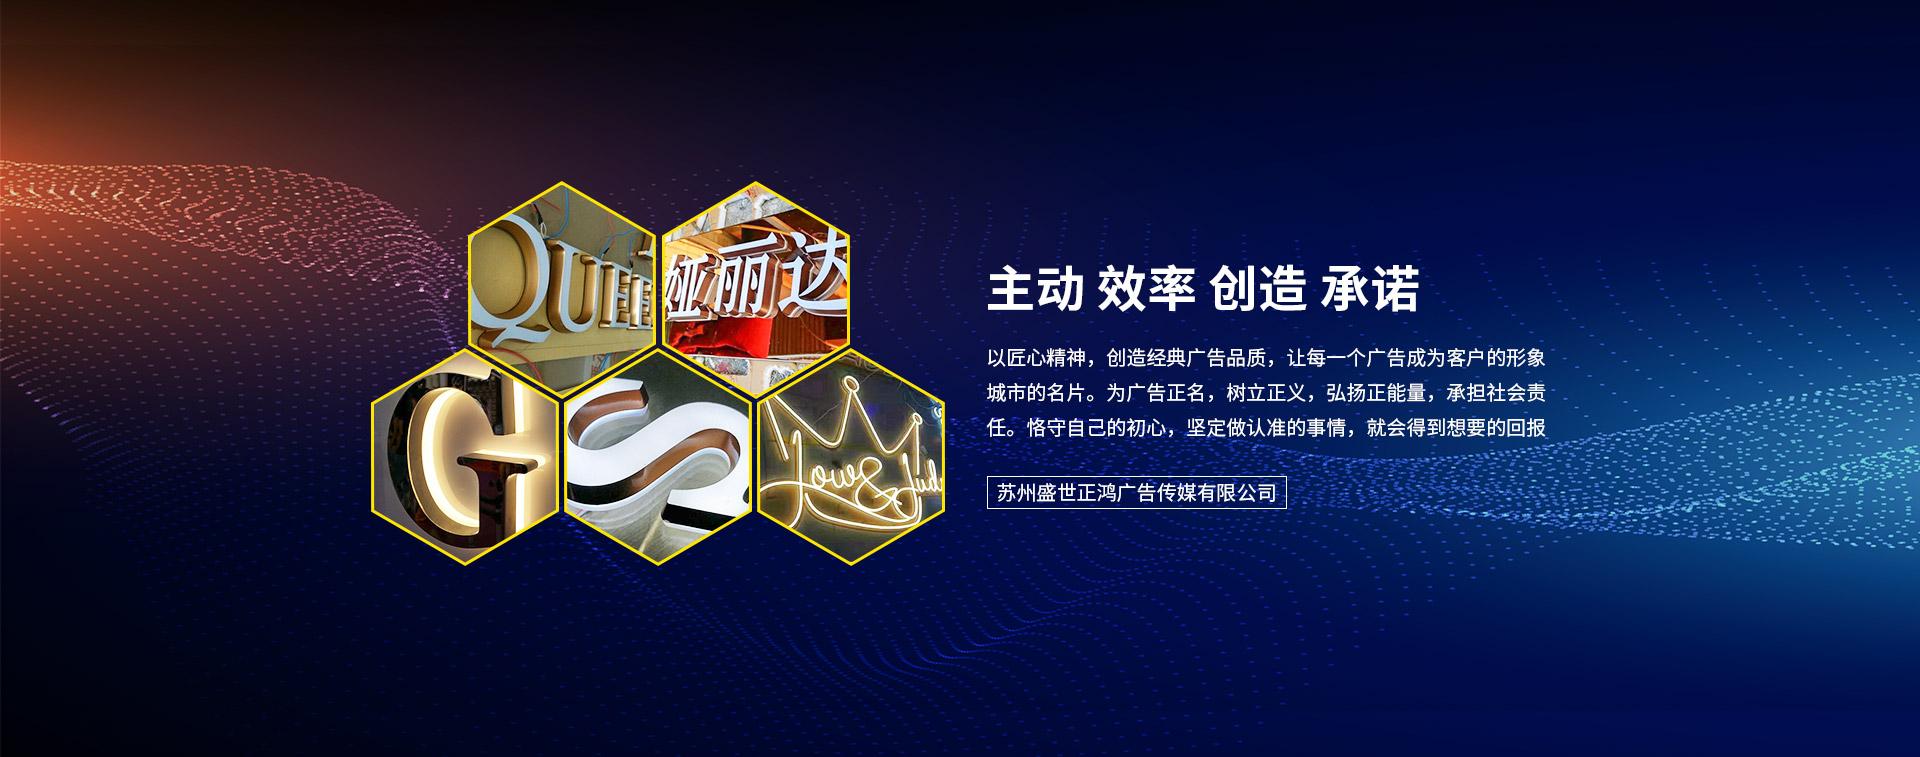 苏州盛世正鸿广告传媒有限公司